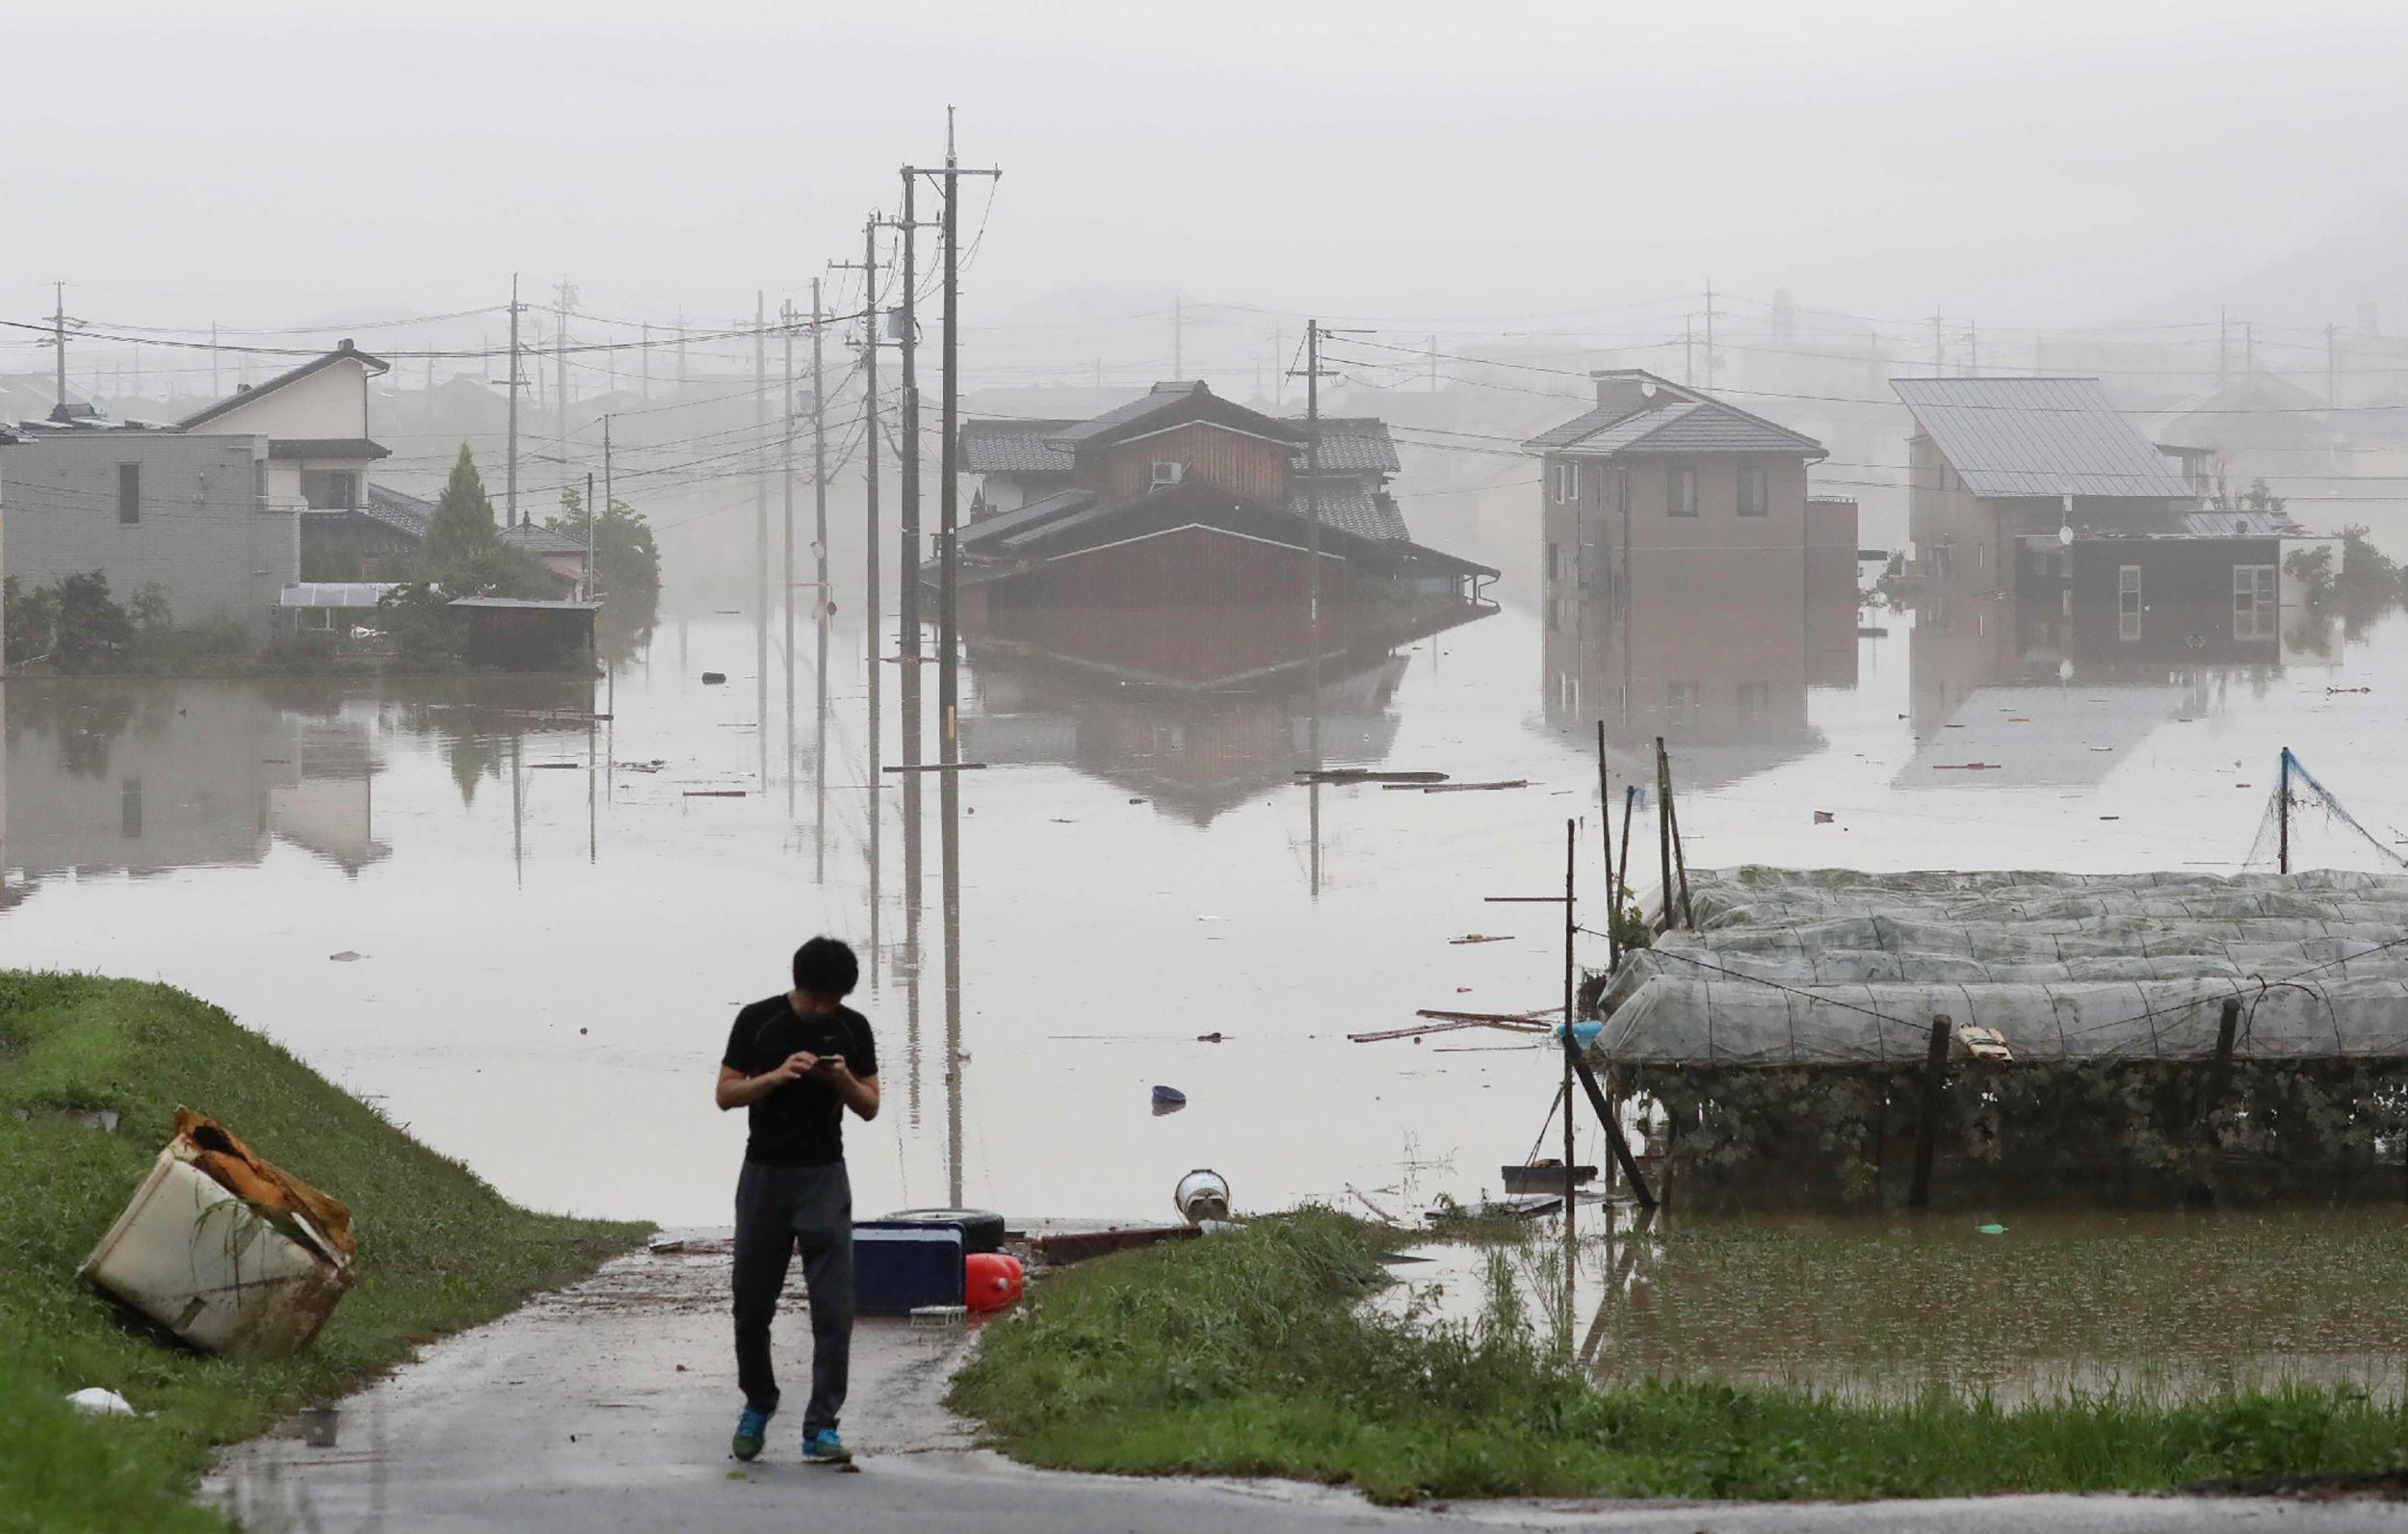 Architettura e Big Data: come si mappano gli spostamenti di migliaia di sfollati dopo una catastrofe?